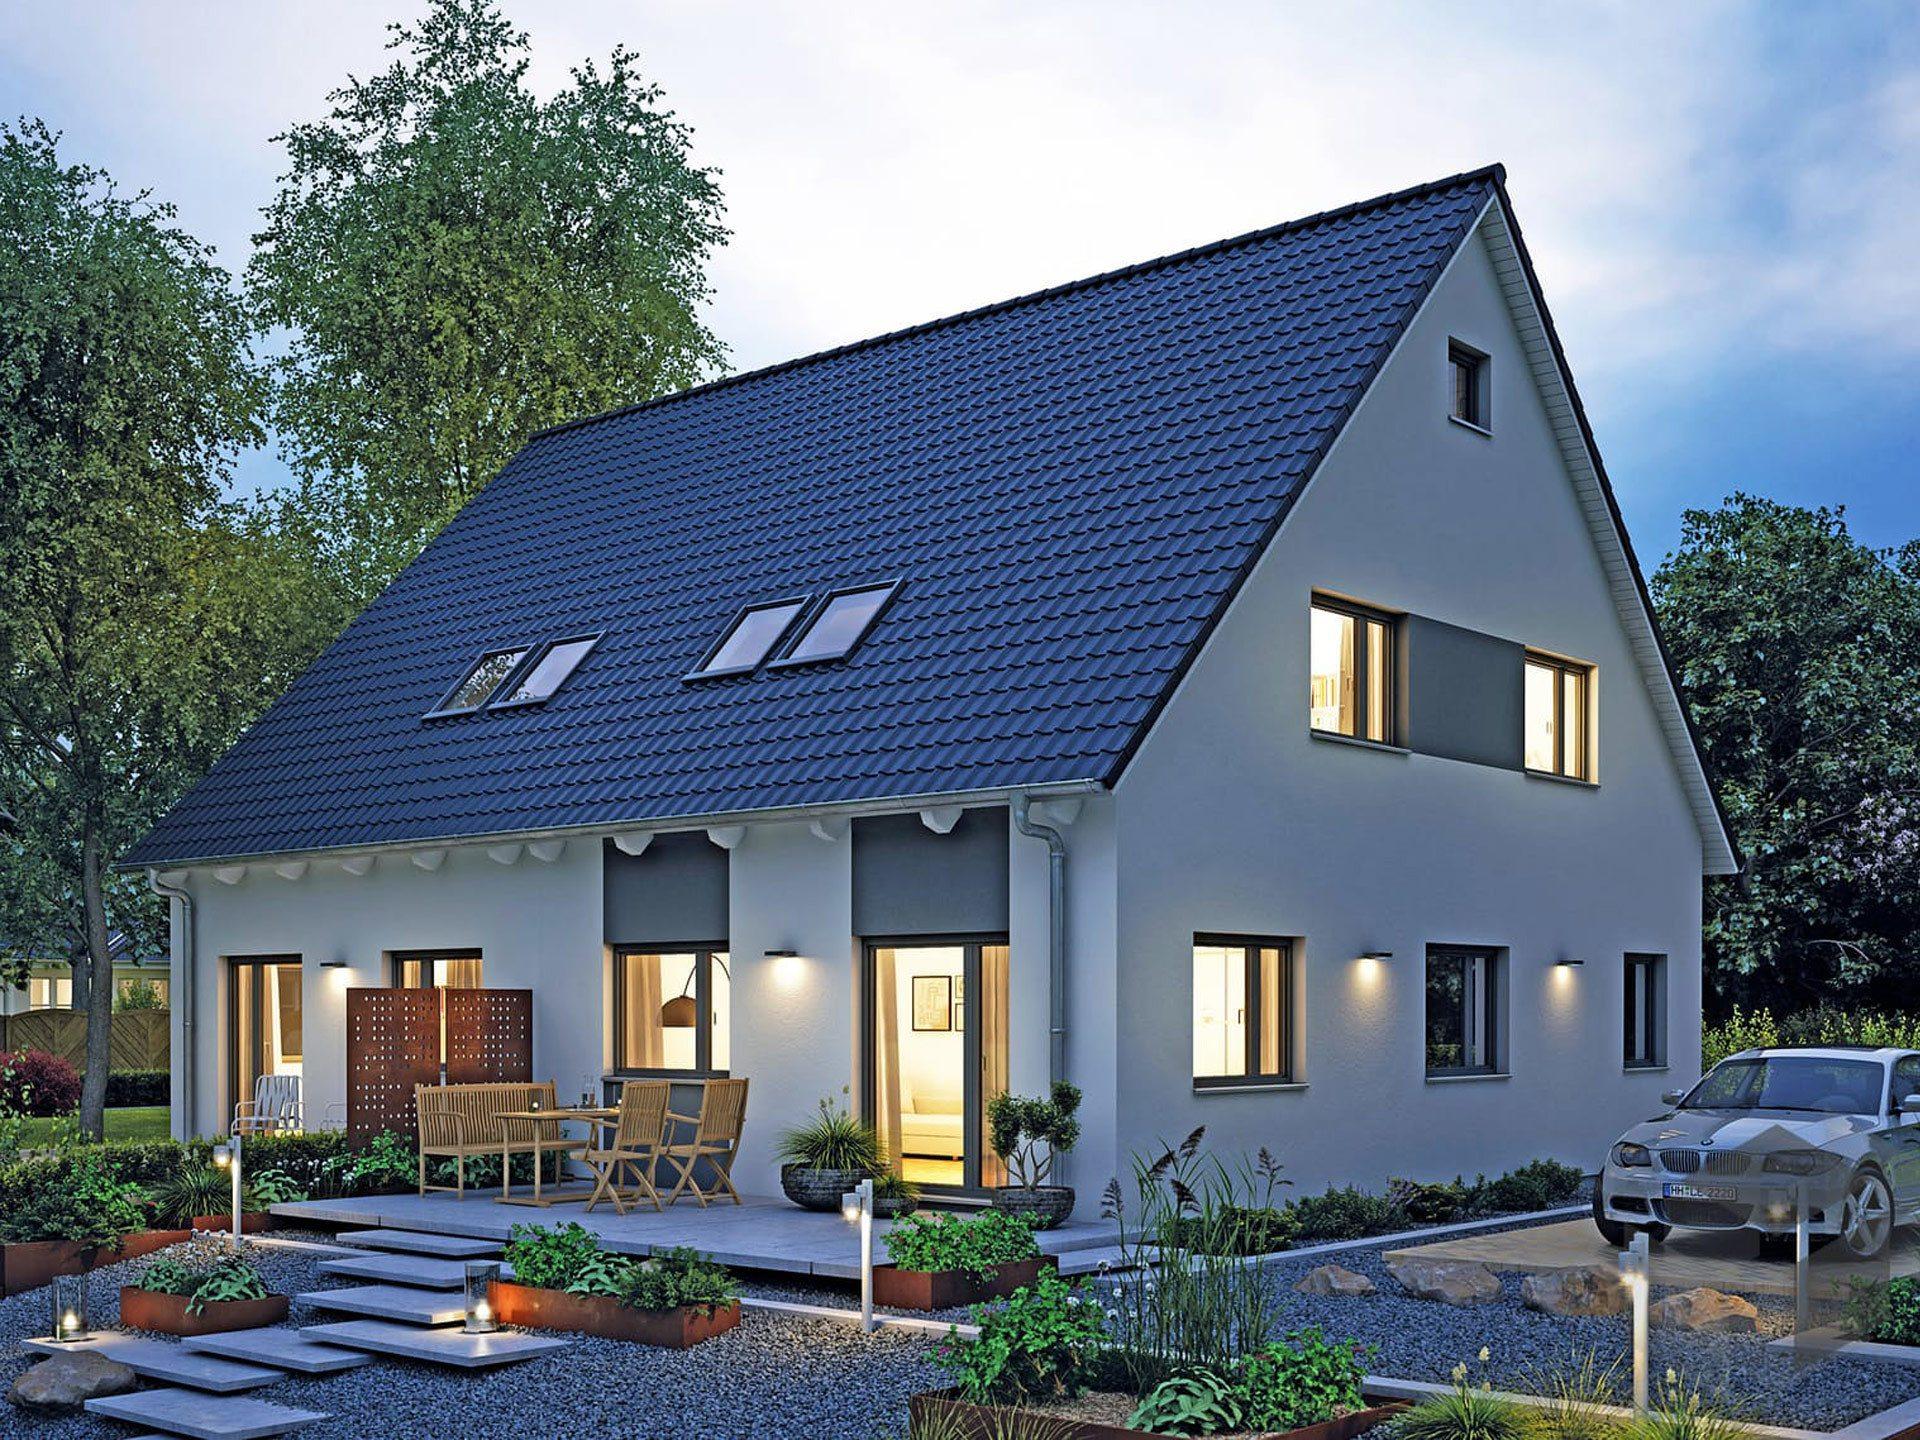 doppelhaus bauen preis doppelhaus bauen preis haus. Black Bedroom Furniture Sets. Home Design Ideas